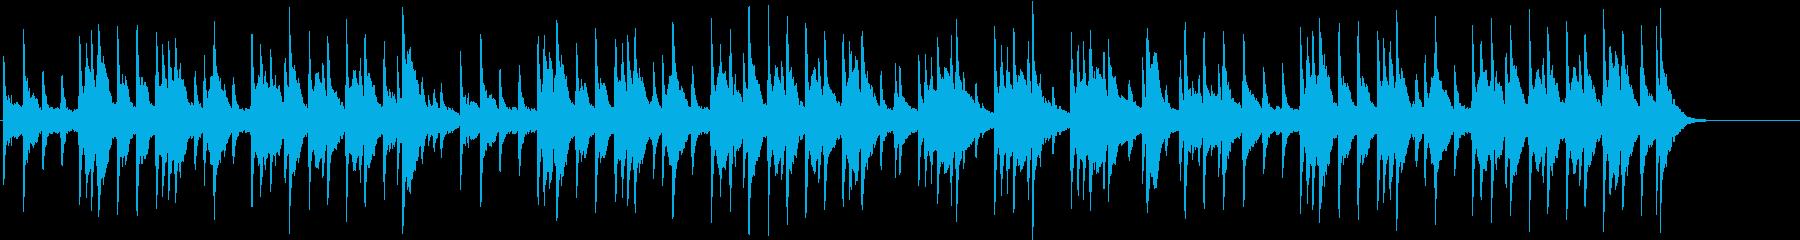 凱旋行進曲 オルゴールの再生済みの波形